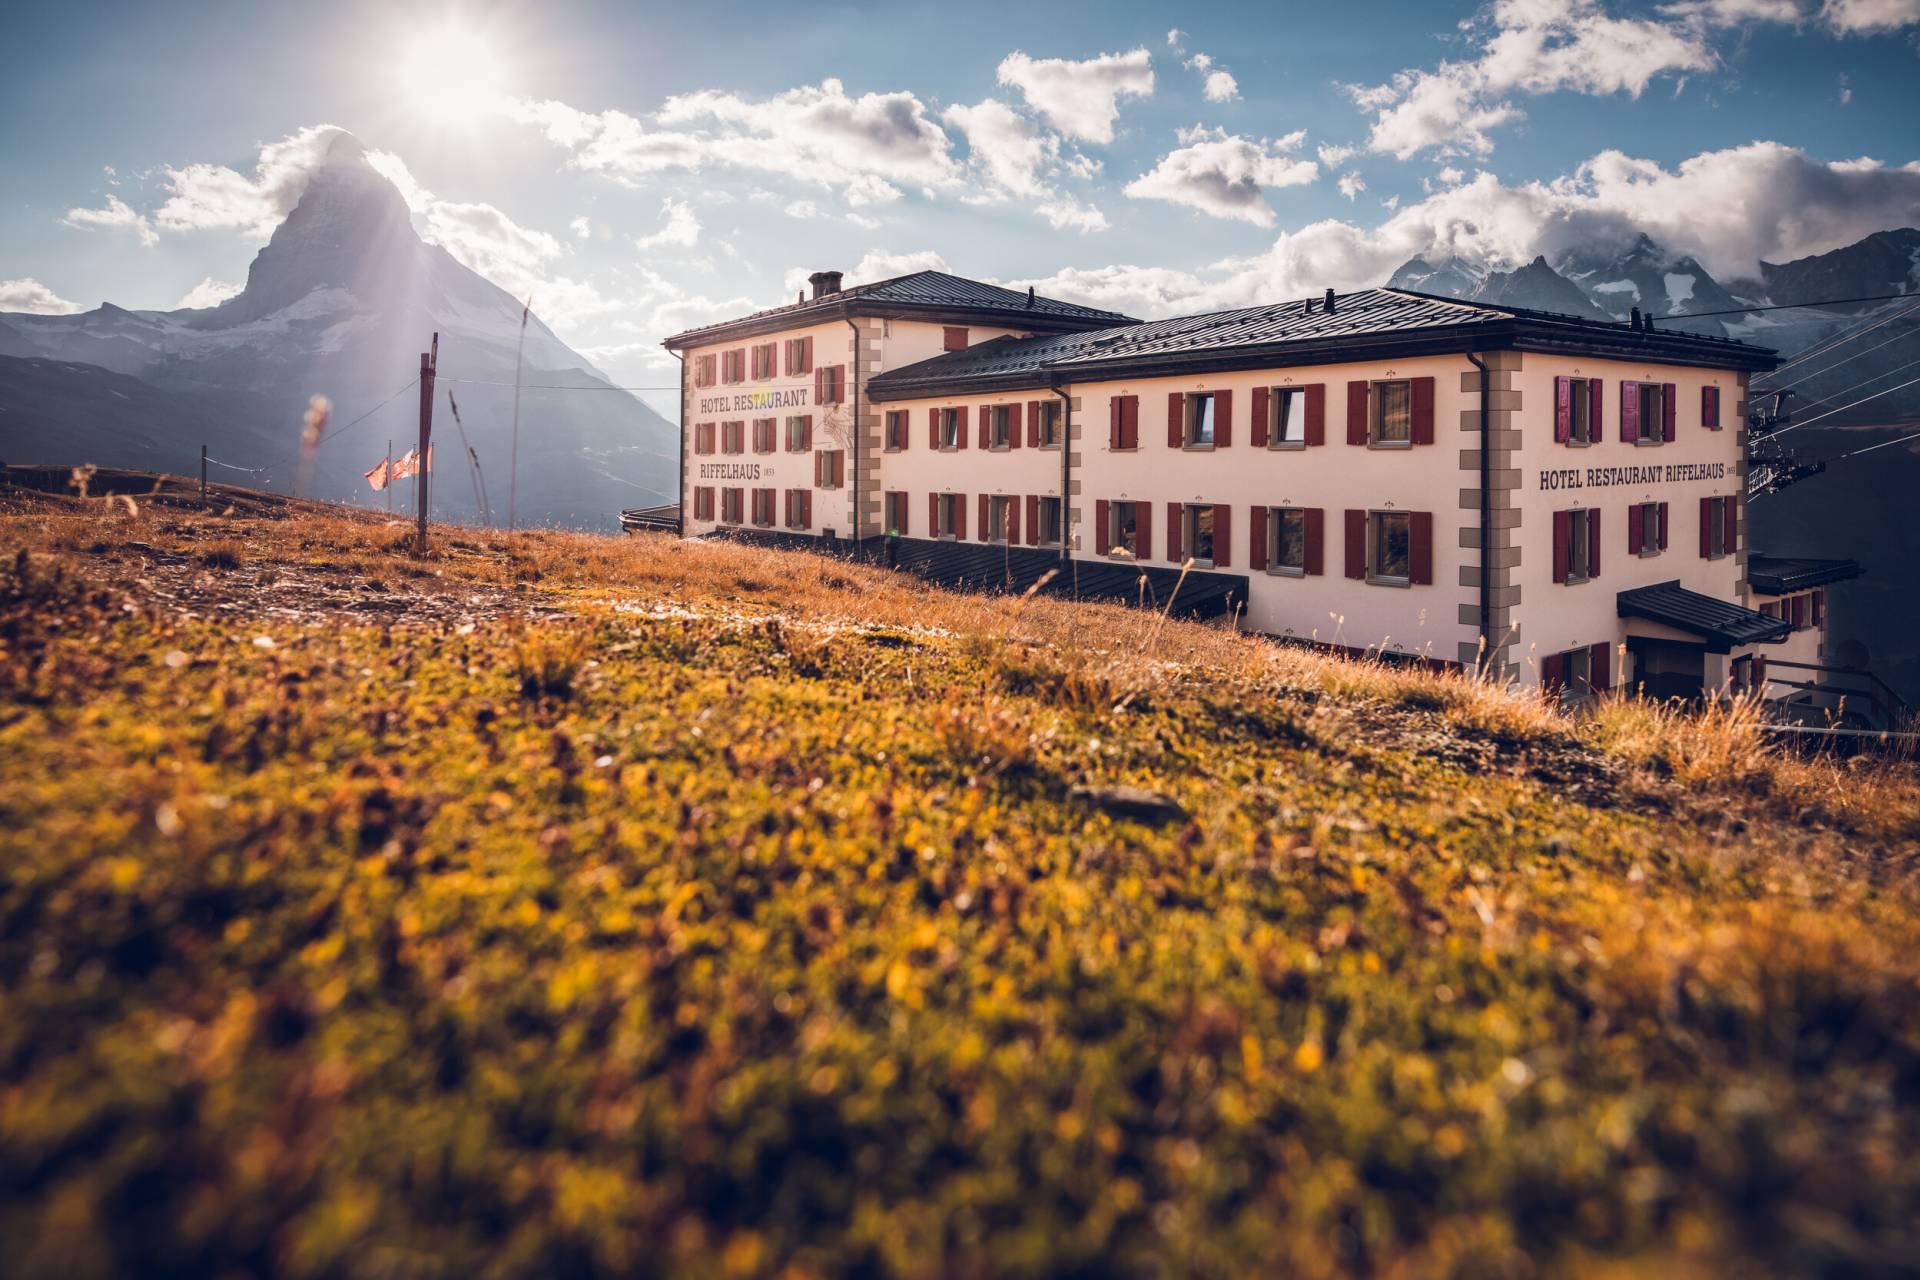 Hotel Restaurant Riffelhaus auf Riffelberg oberhalb Zermatt im Sommer